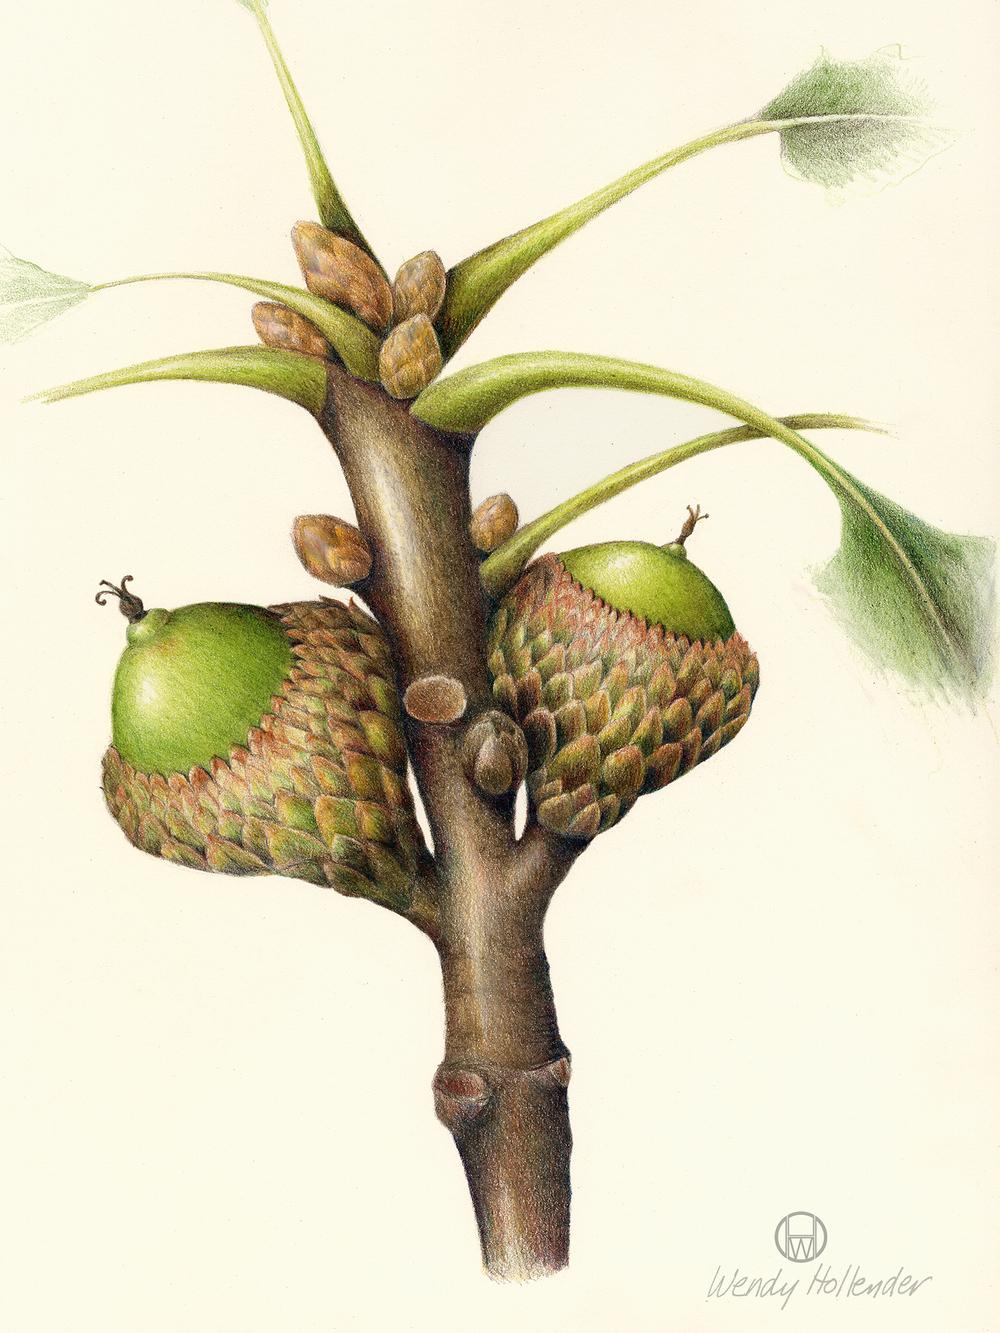 Acorn - Quercus